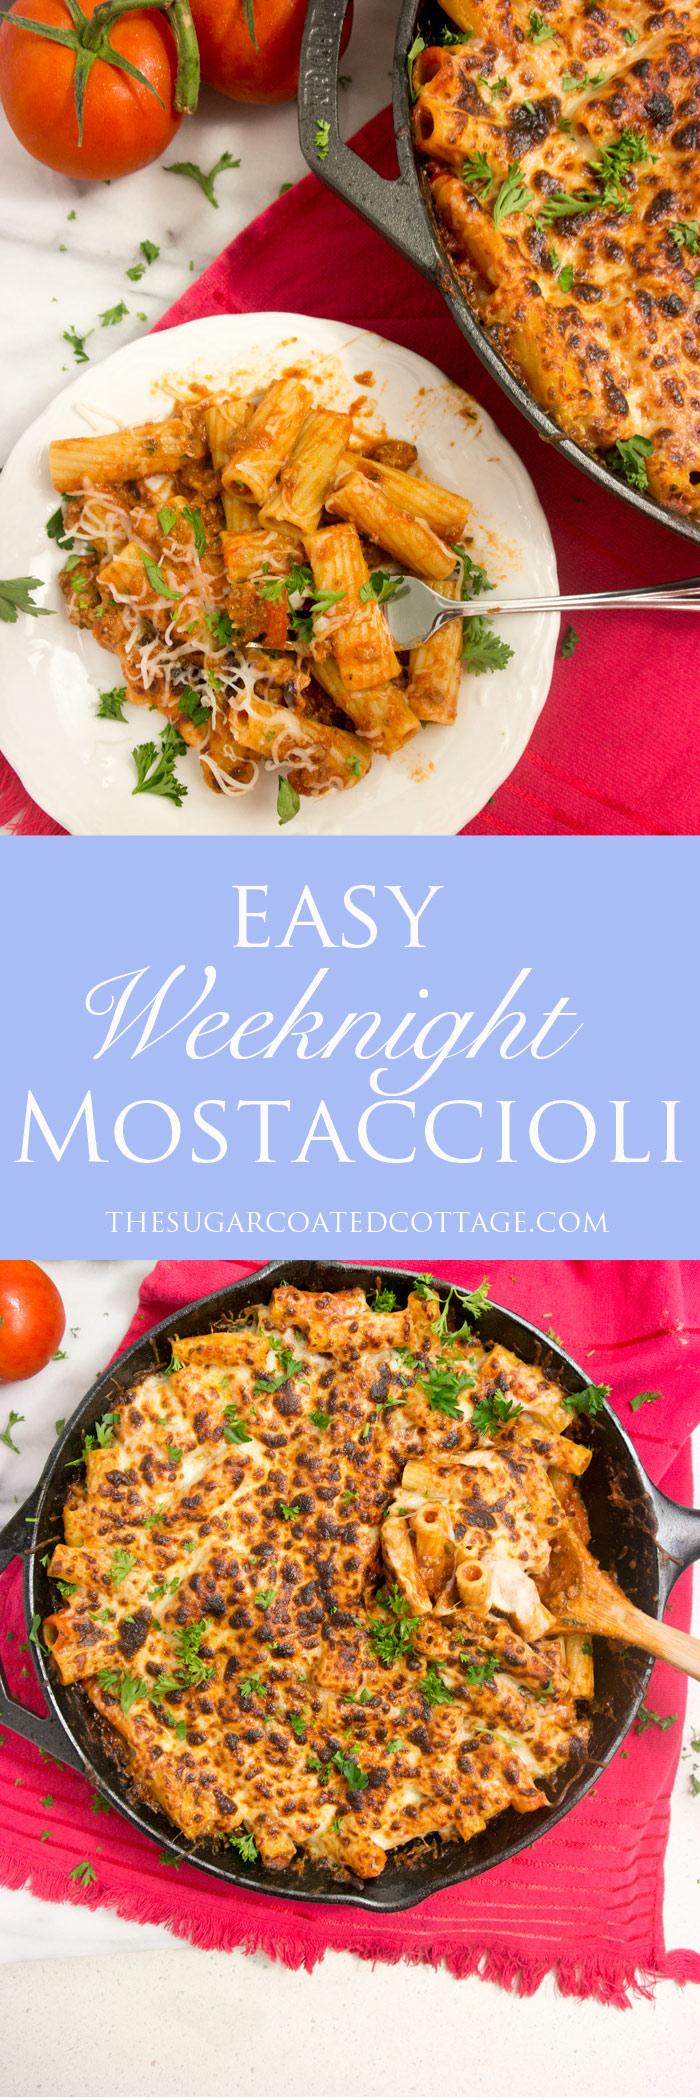 Easy weeknight Mostacciolli